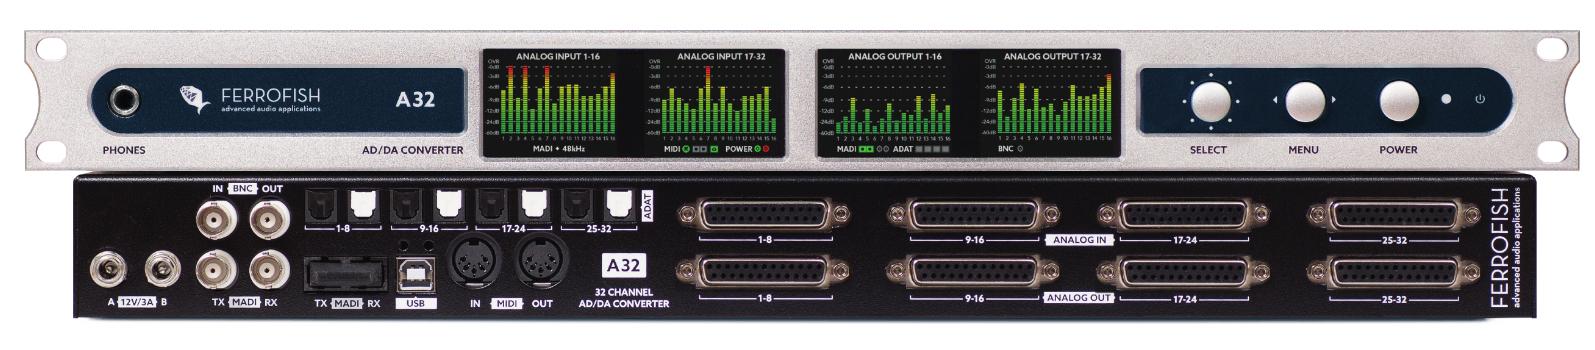 32x32 AD/DA Converter with Dante